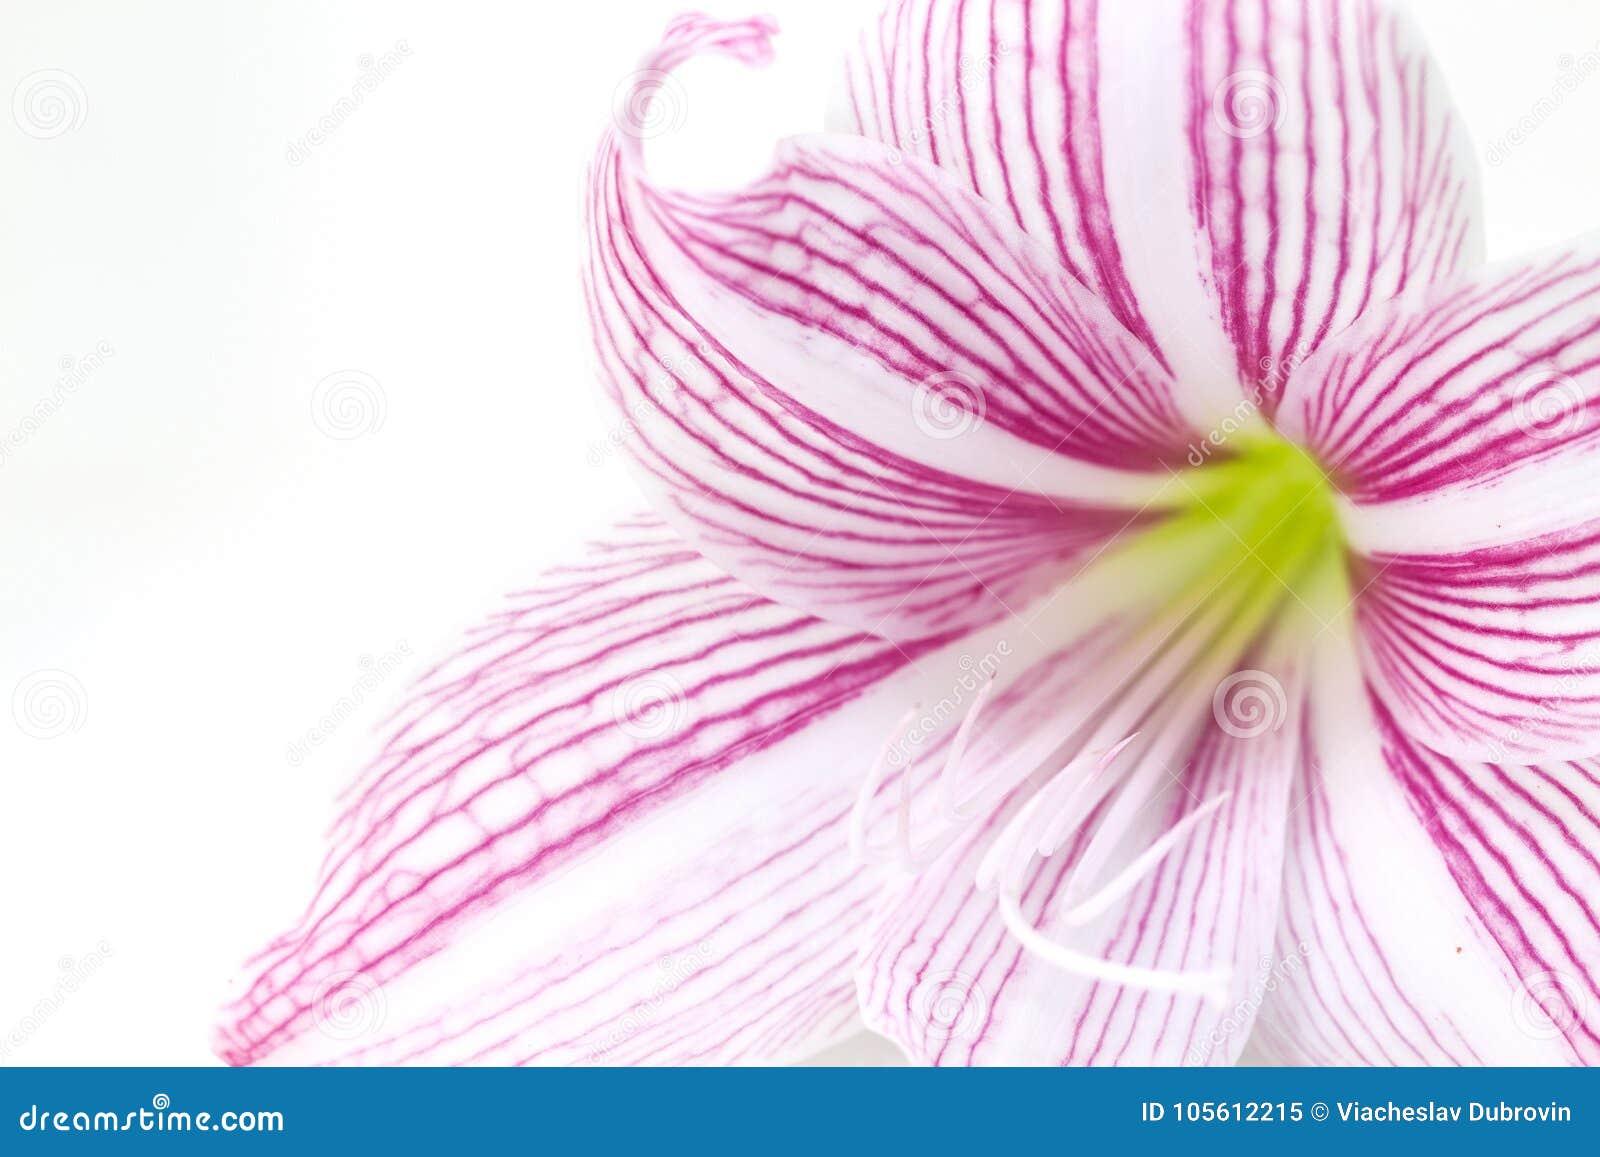 柔和的桃红色百合花特写镜头照片 花卉女性横幅模板